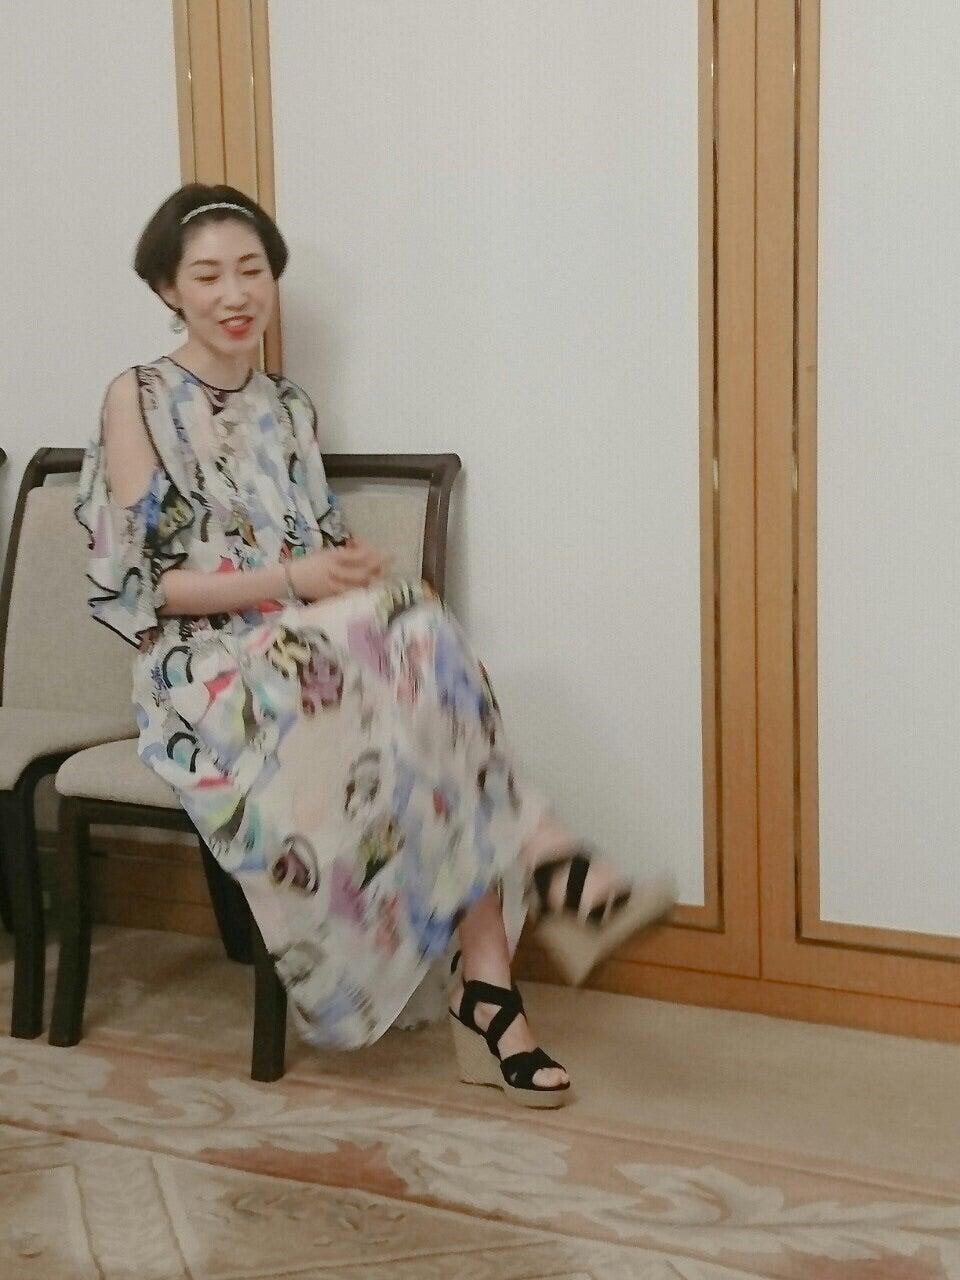 ナリス化粧品様のトークショー☆小樽散策の記事より